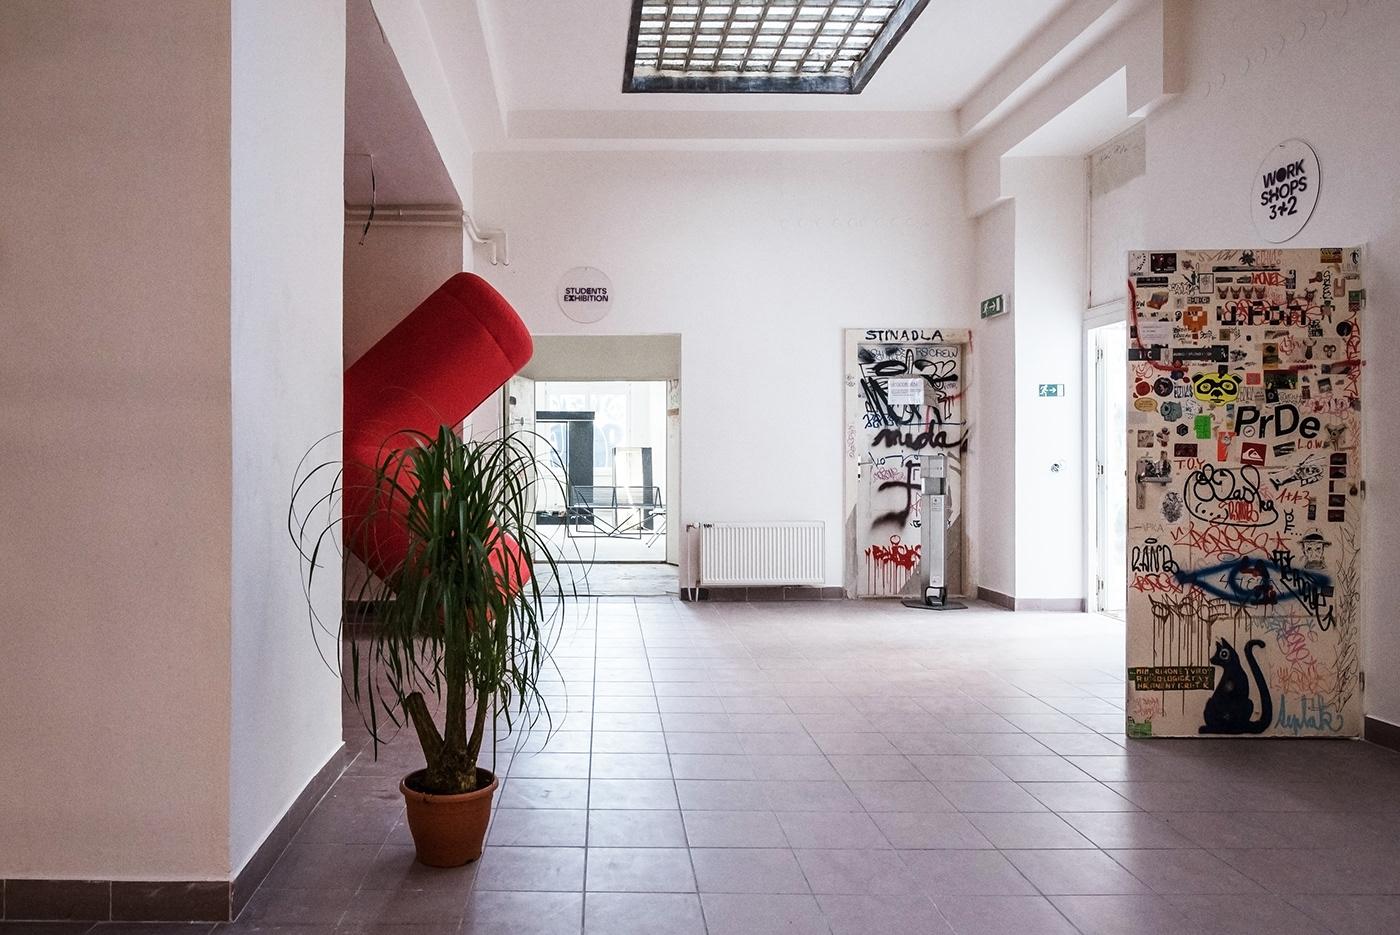 architecture conference design festival motion venue